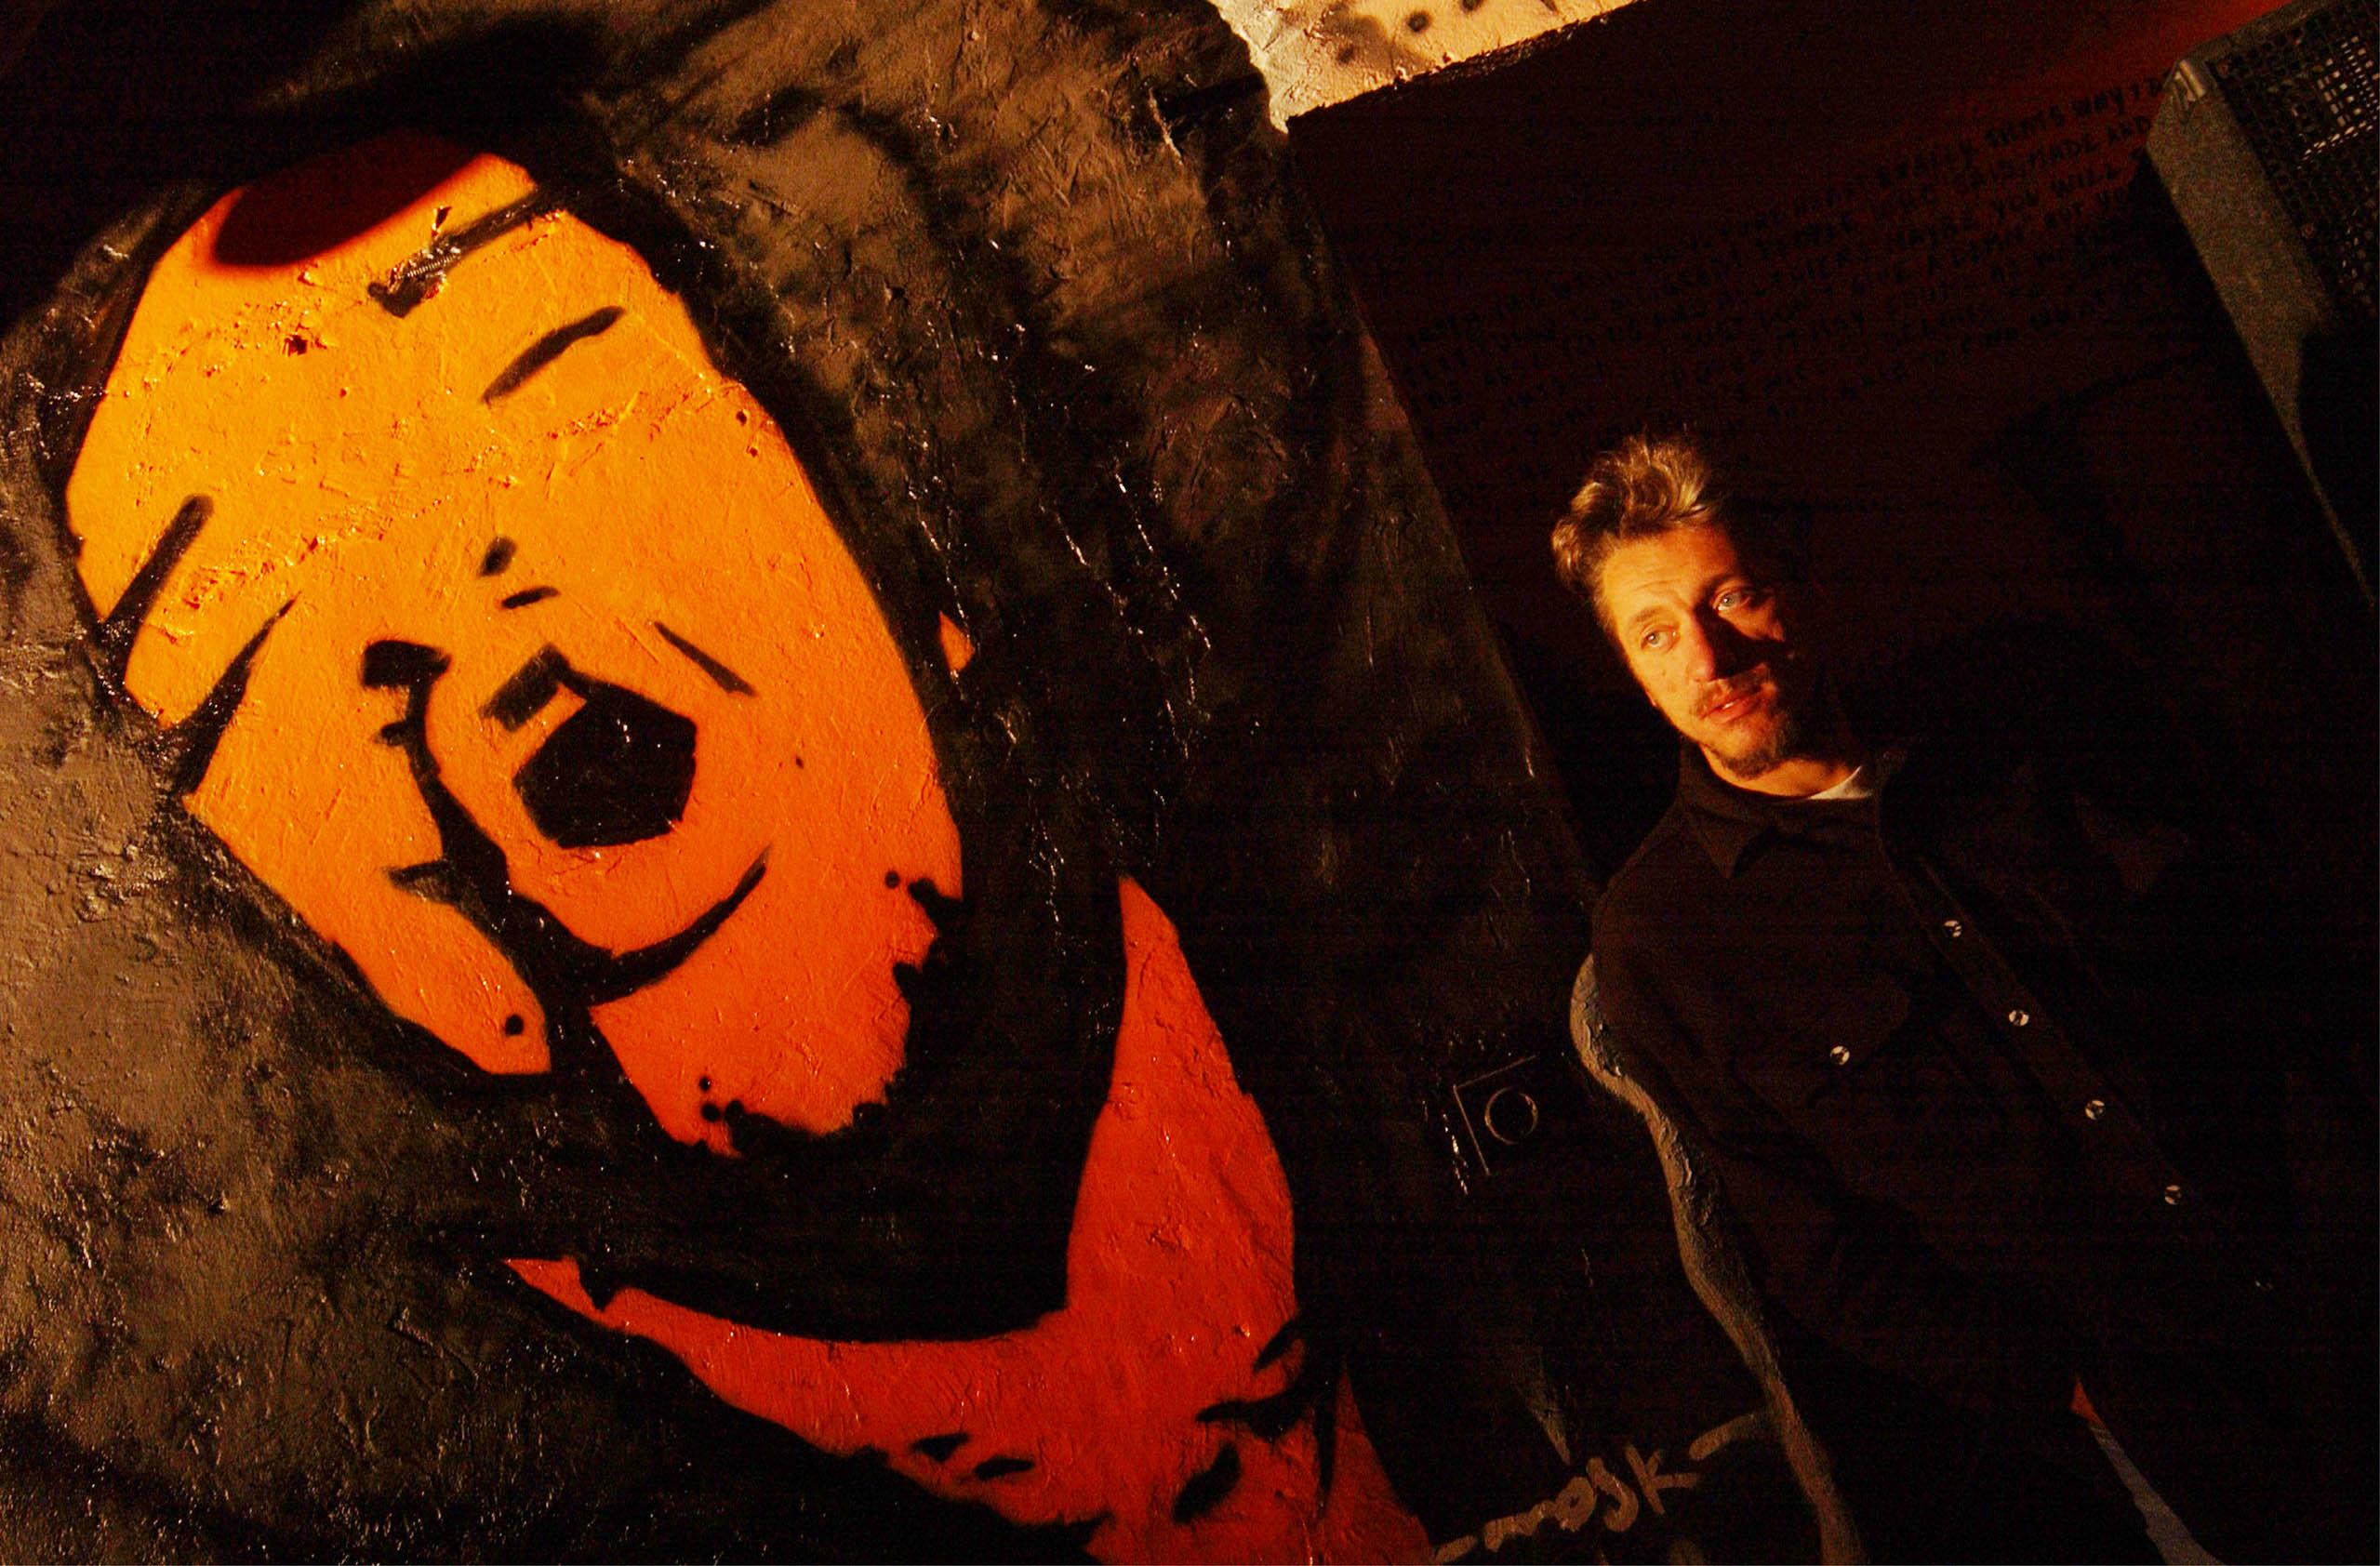 Denis Pilepić snimljen 2002. u Spiritovoj Kreativnoj kuhinji / Foto arhiva NL